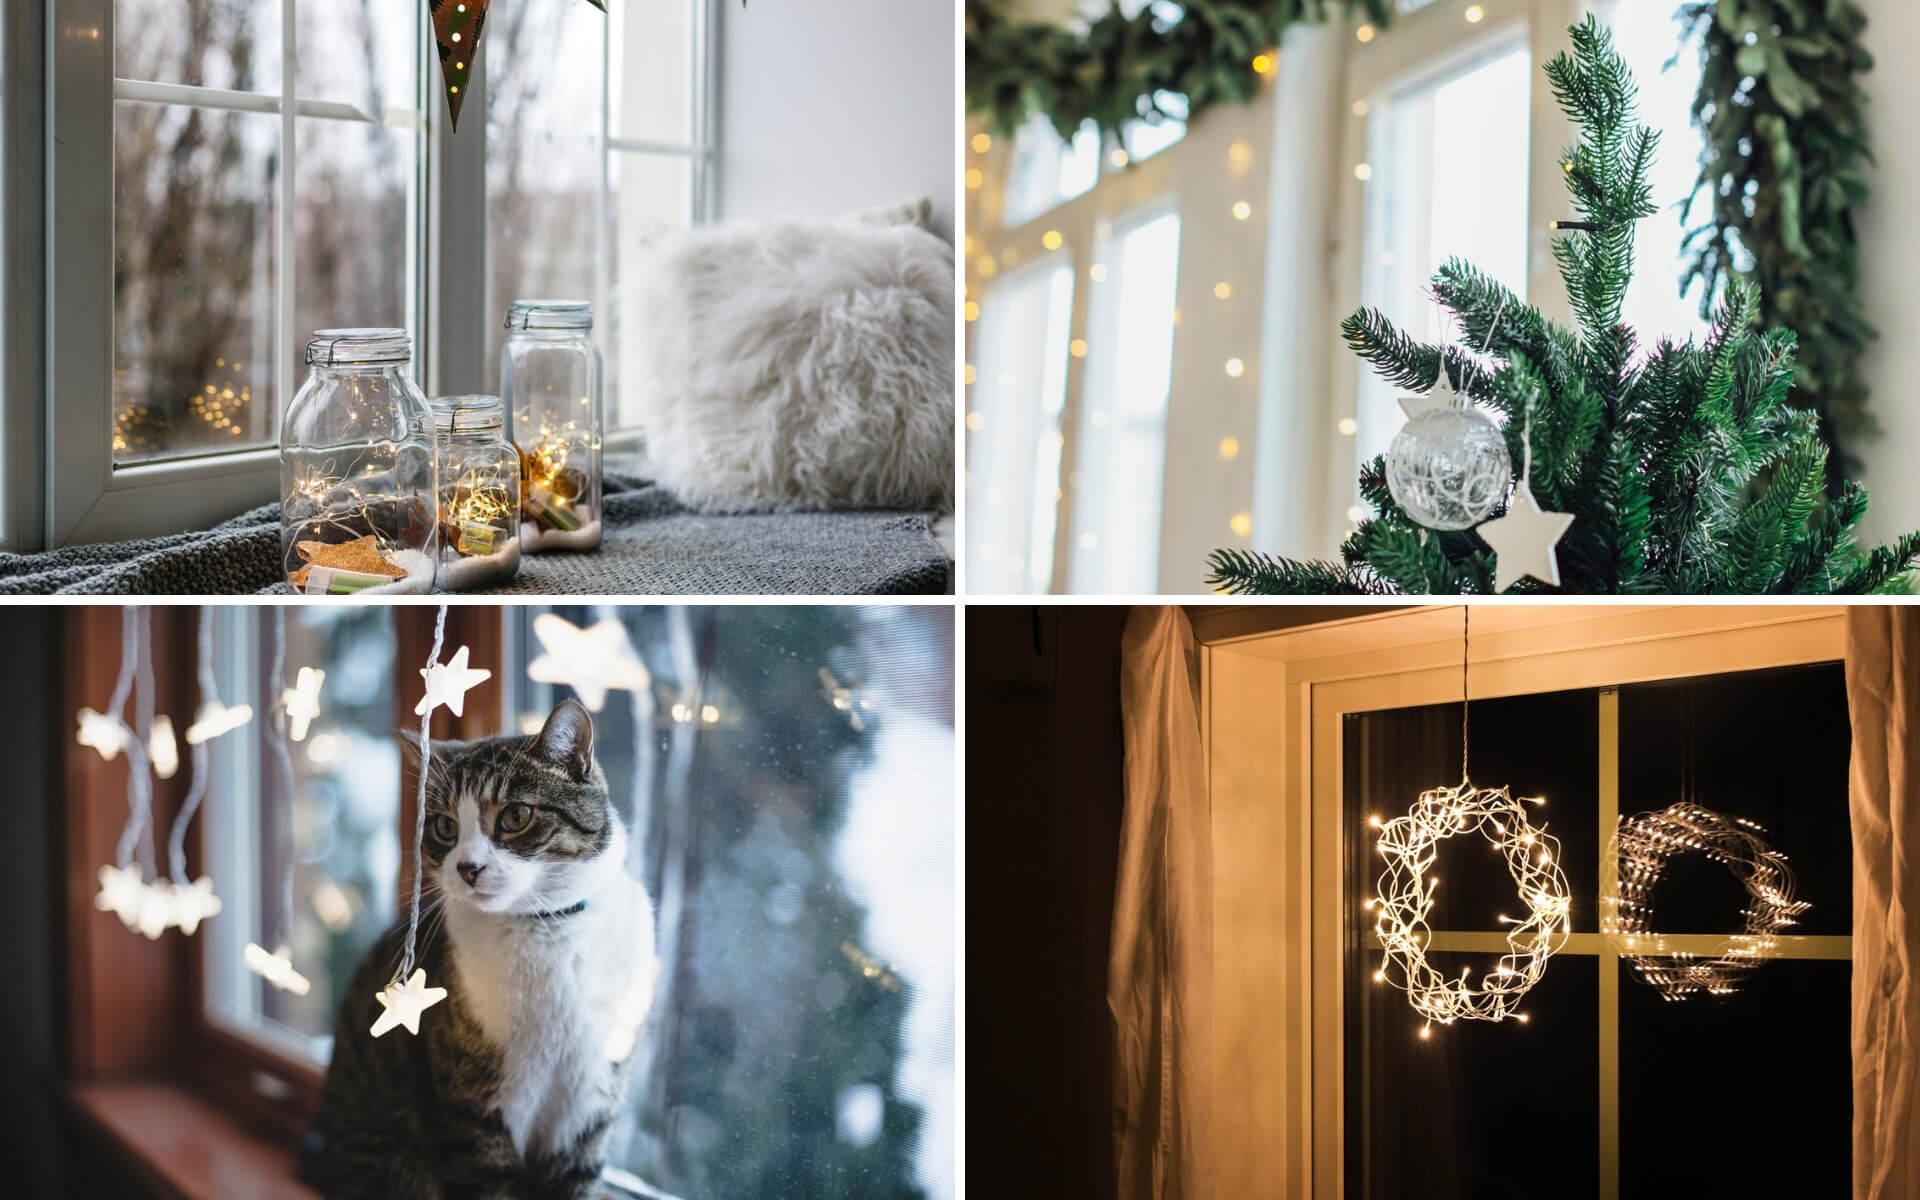 Suggerimenti e idee per decorare le finestre a Natale con luci e addobbi